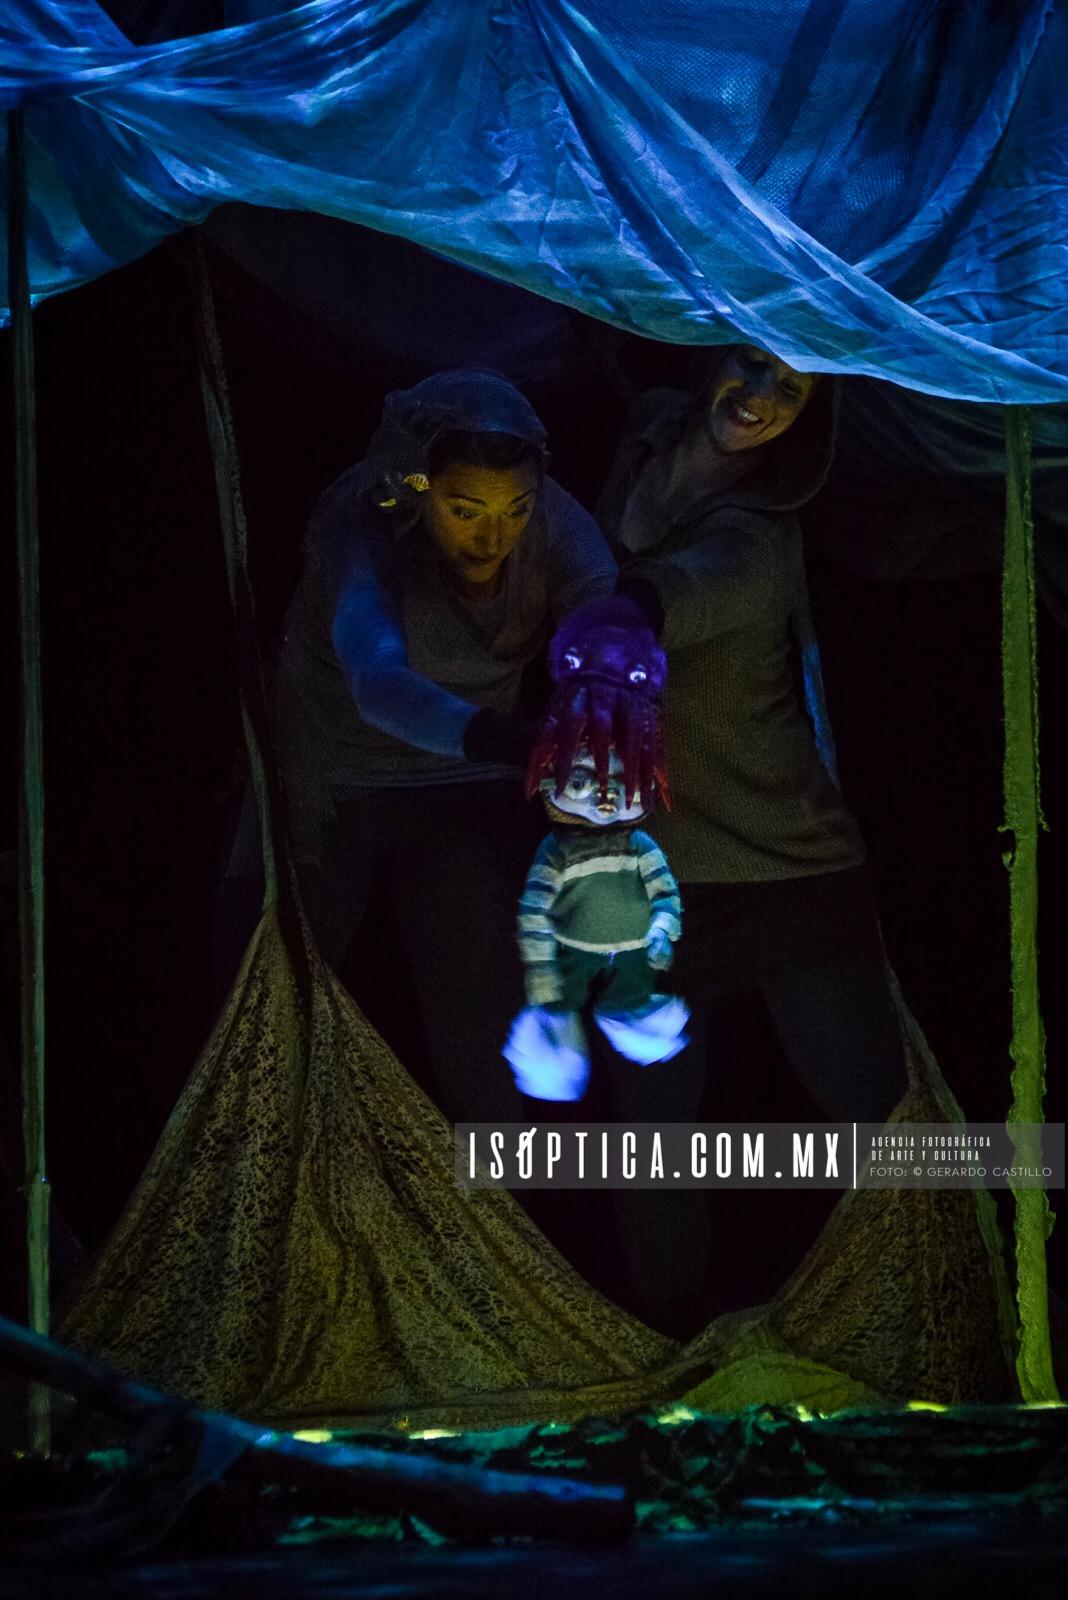 """Con """"ONDIN"""" La compañía canadiense buscará sorprender a su audiencia con recursos visuales, auditivos y narrativos. XLV/ Festival Internacional Cervantino. Fotos: Gerardo Castillo / WWW.ISOPTICA.COM.MX"""